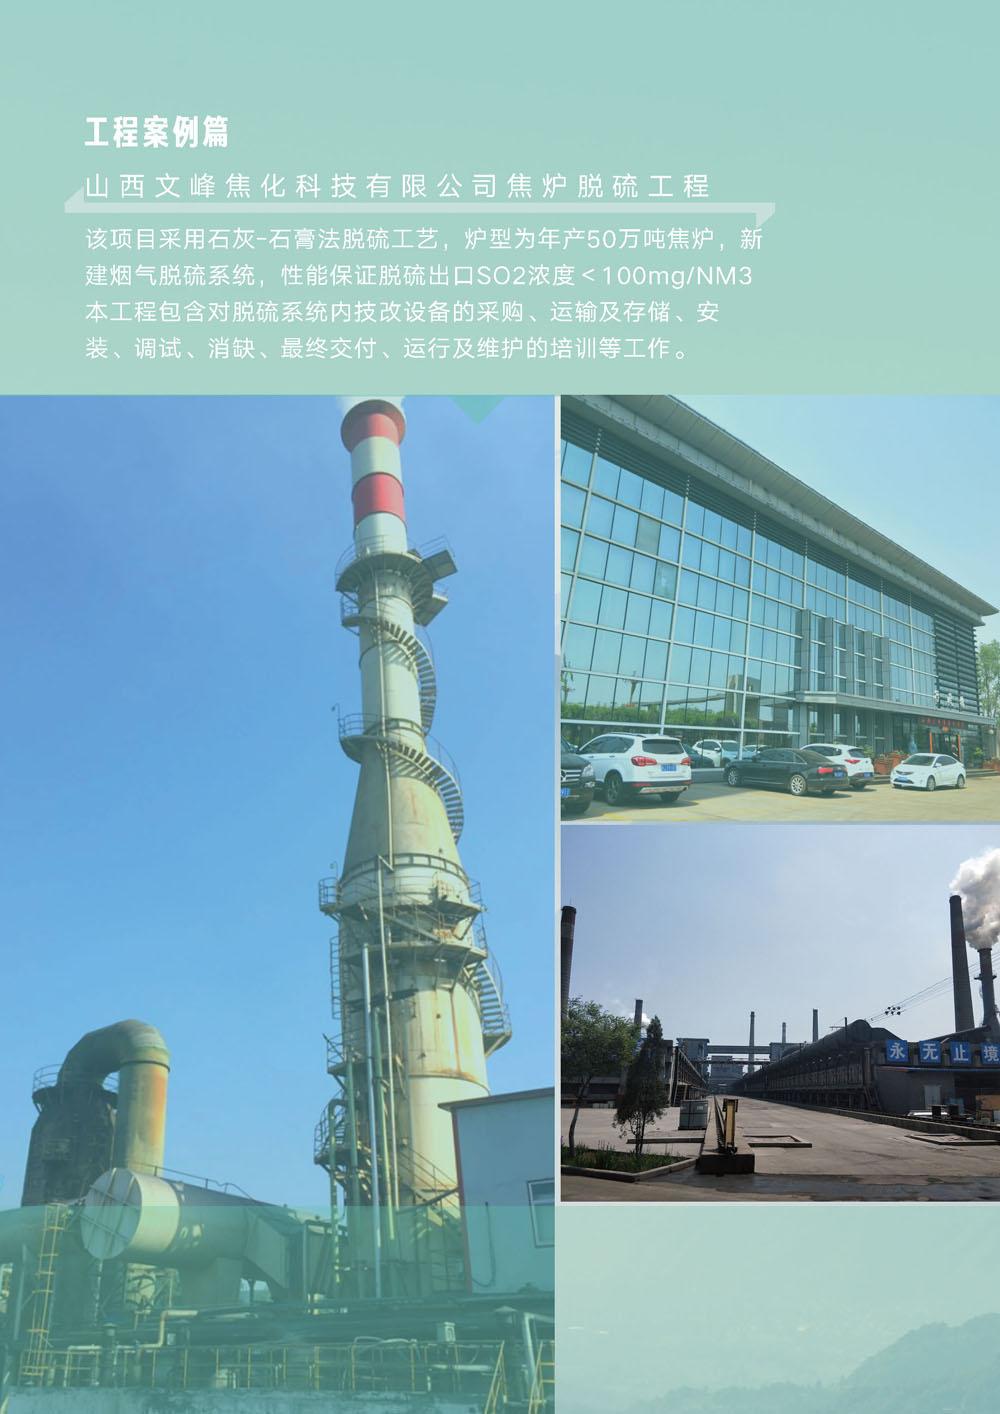 山西文峰焦化科技有限公司焦炉脱硫技改工程